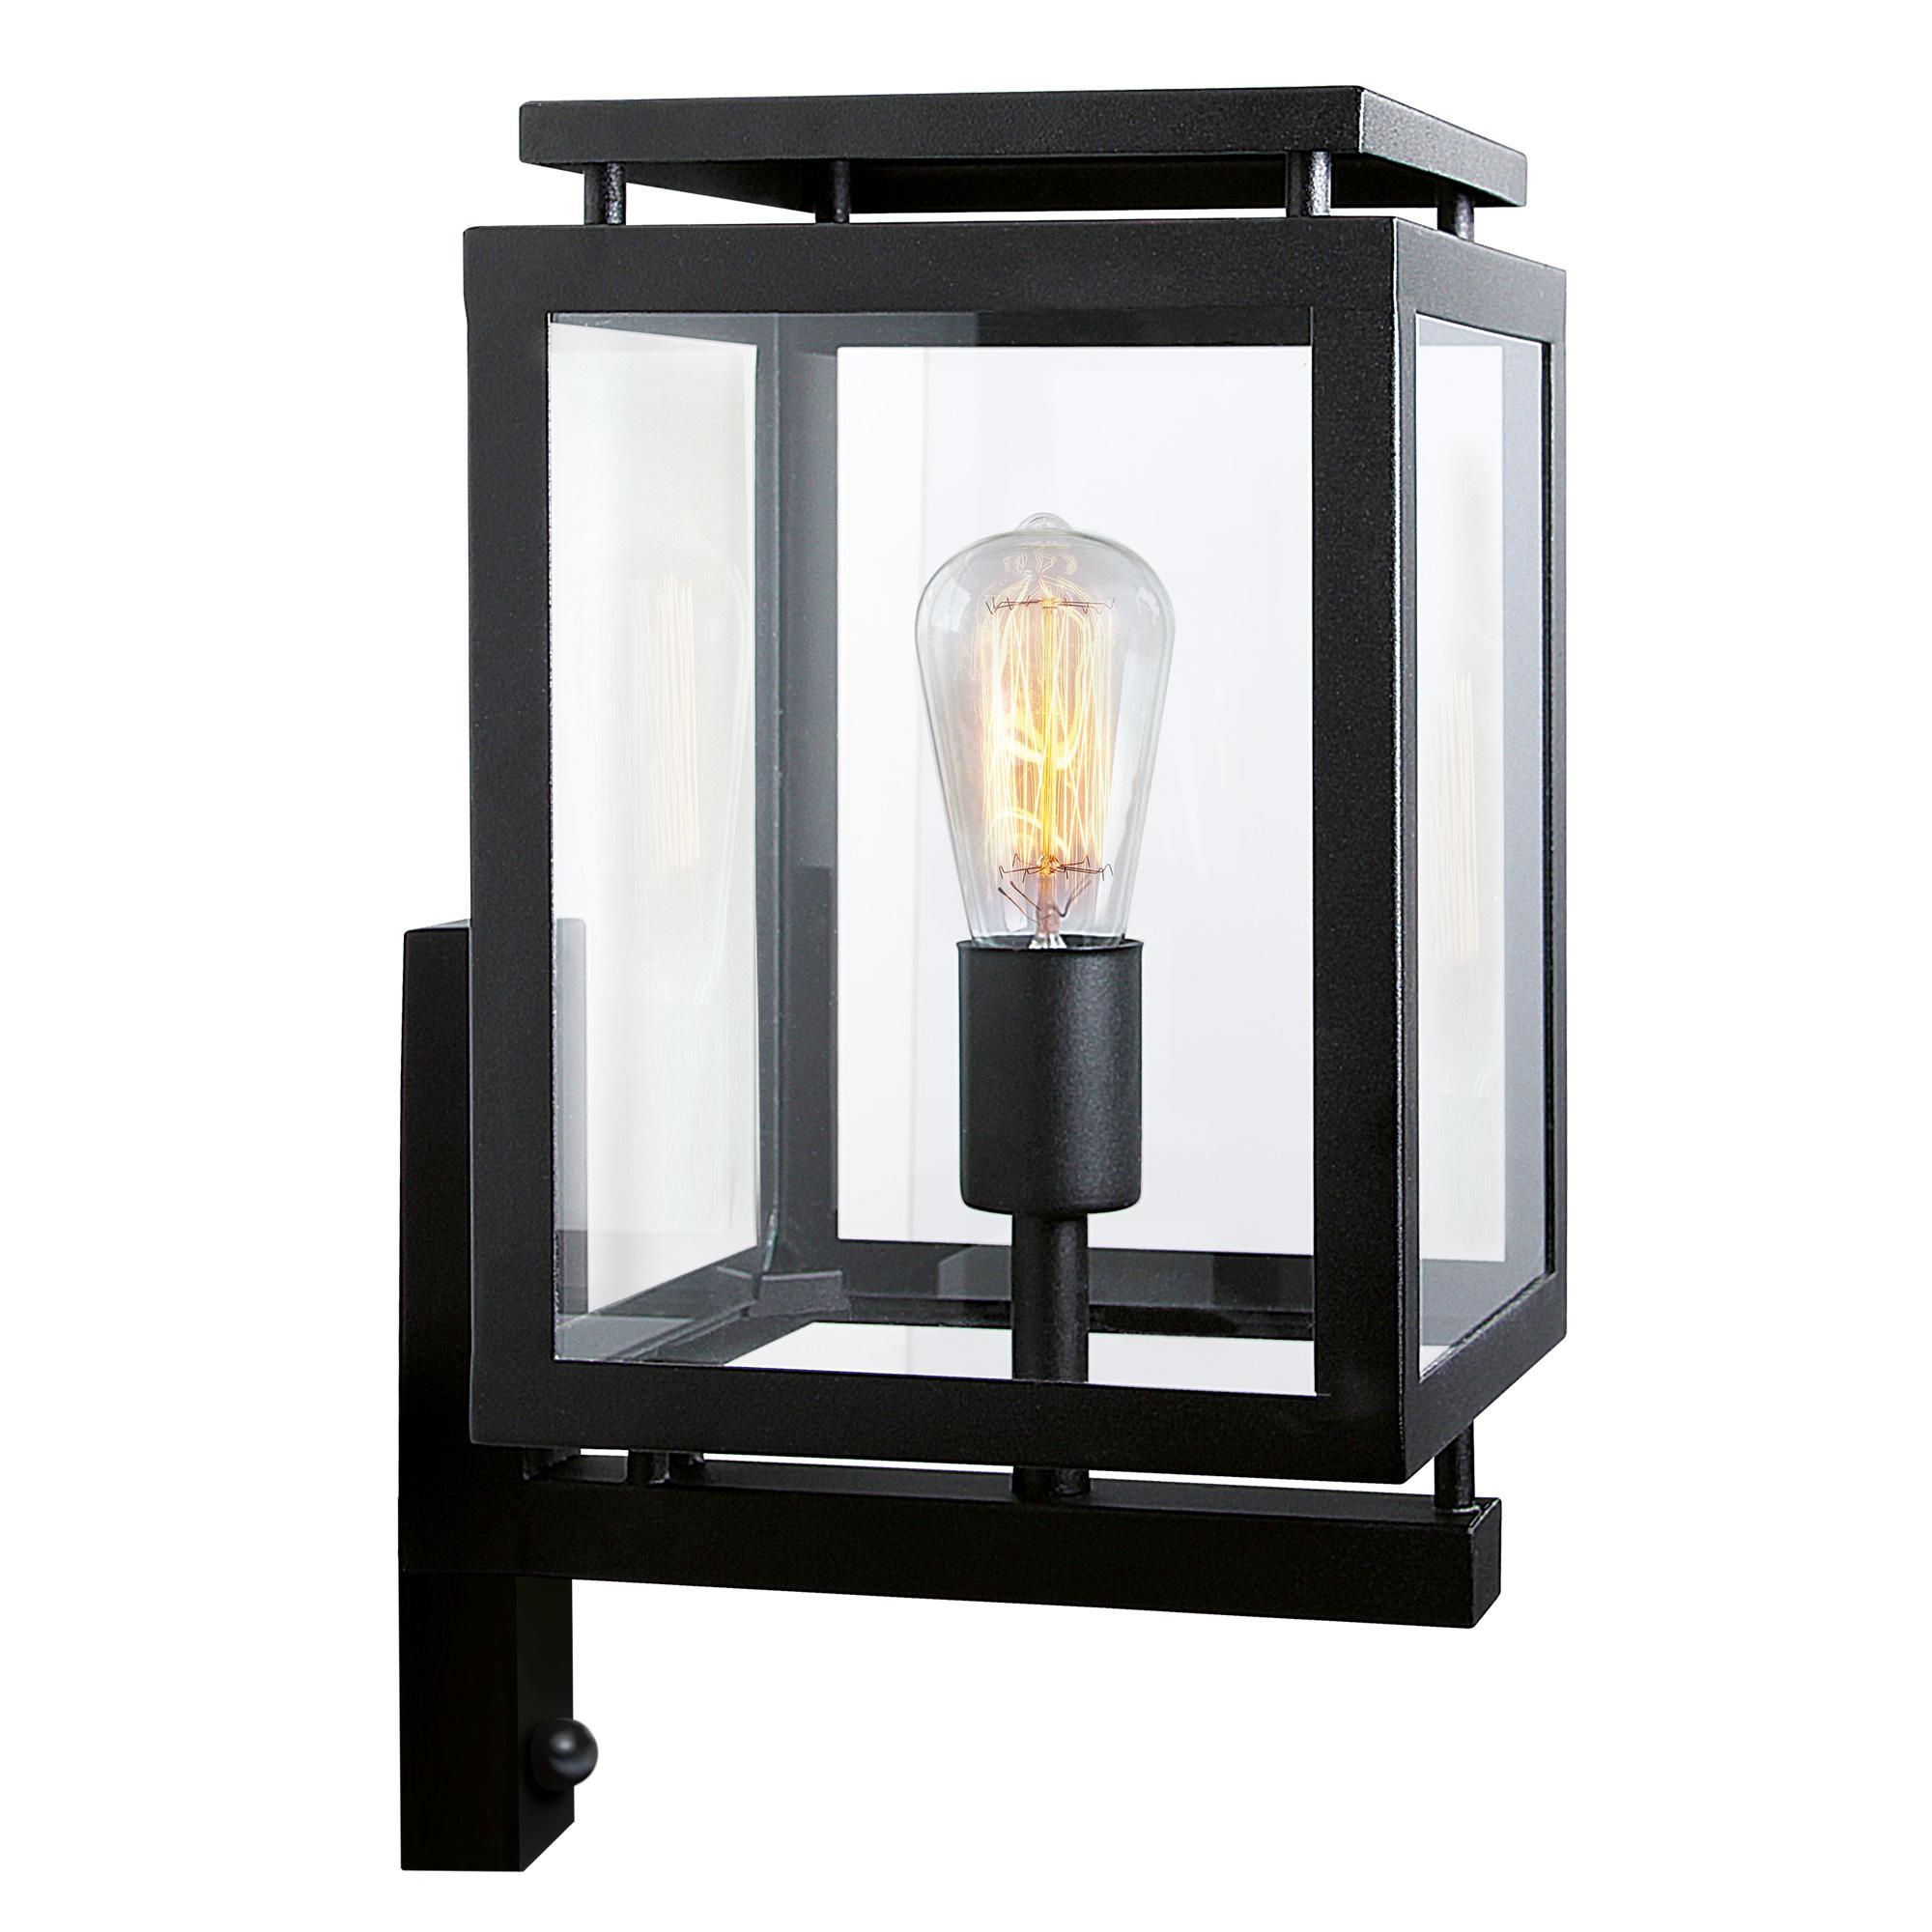 Buitenlamp De Vecht Zwart Met Bewegingssensor